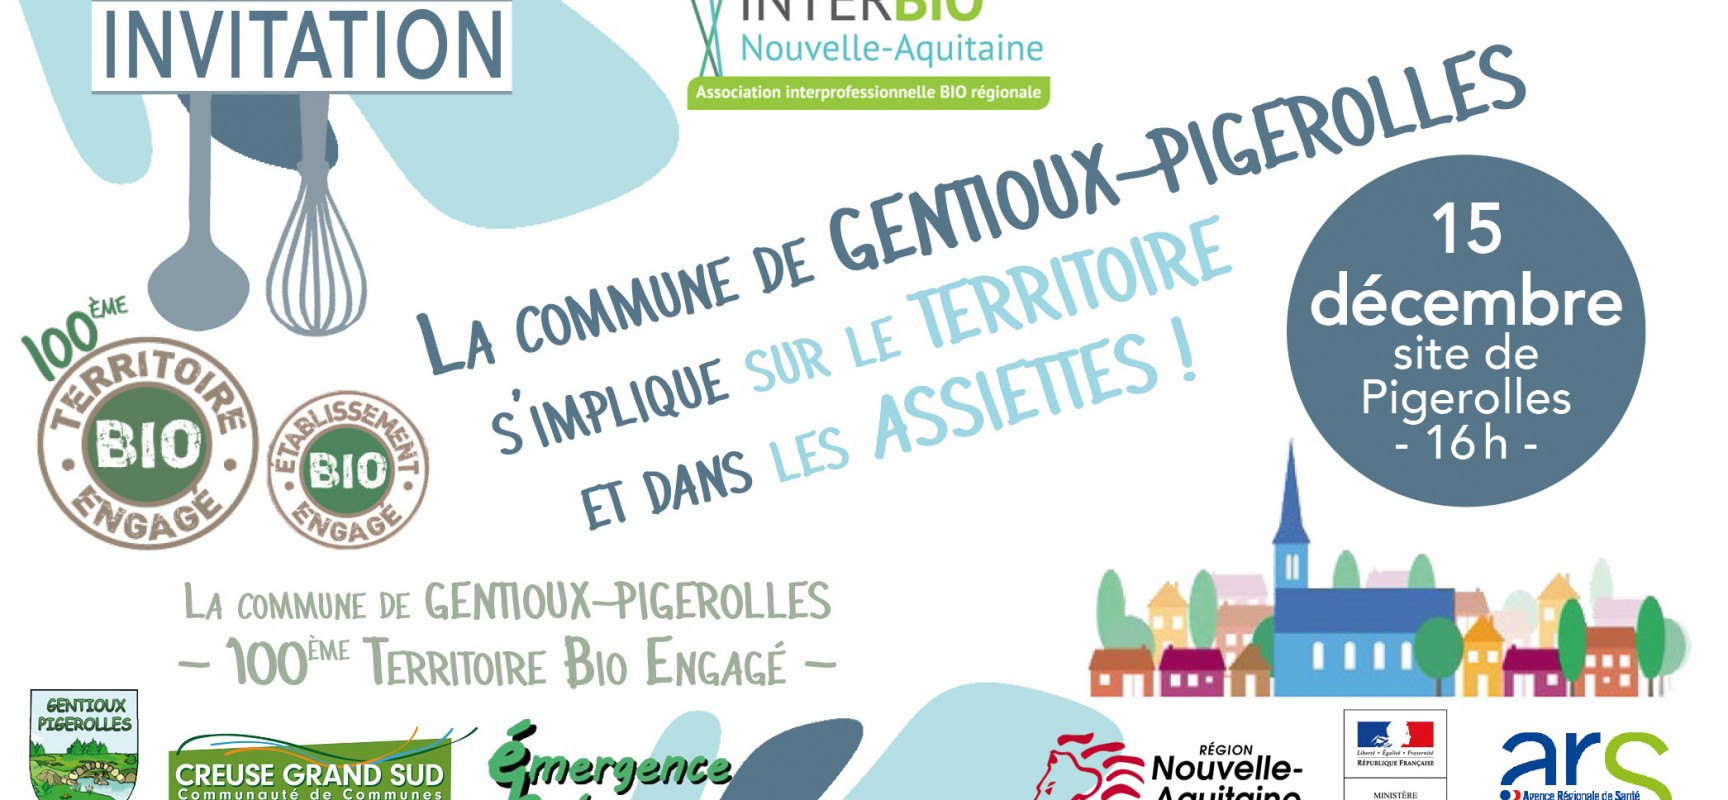 La commune de Gentioux-Pigerolles s'implique sur le territoire et dans les assiettes !